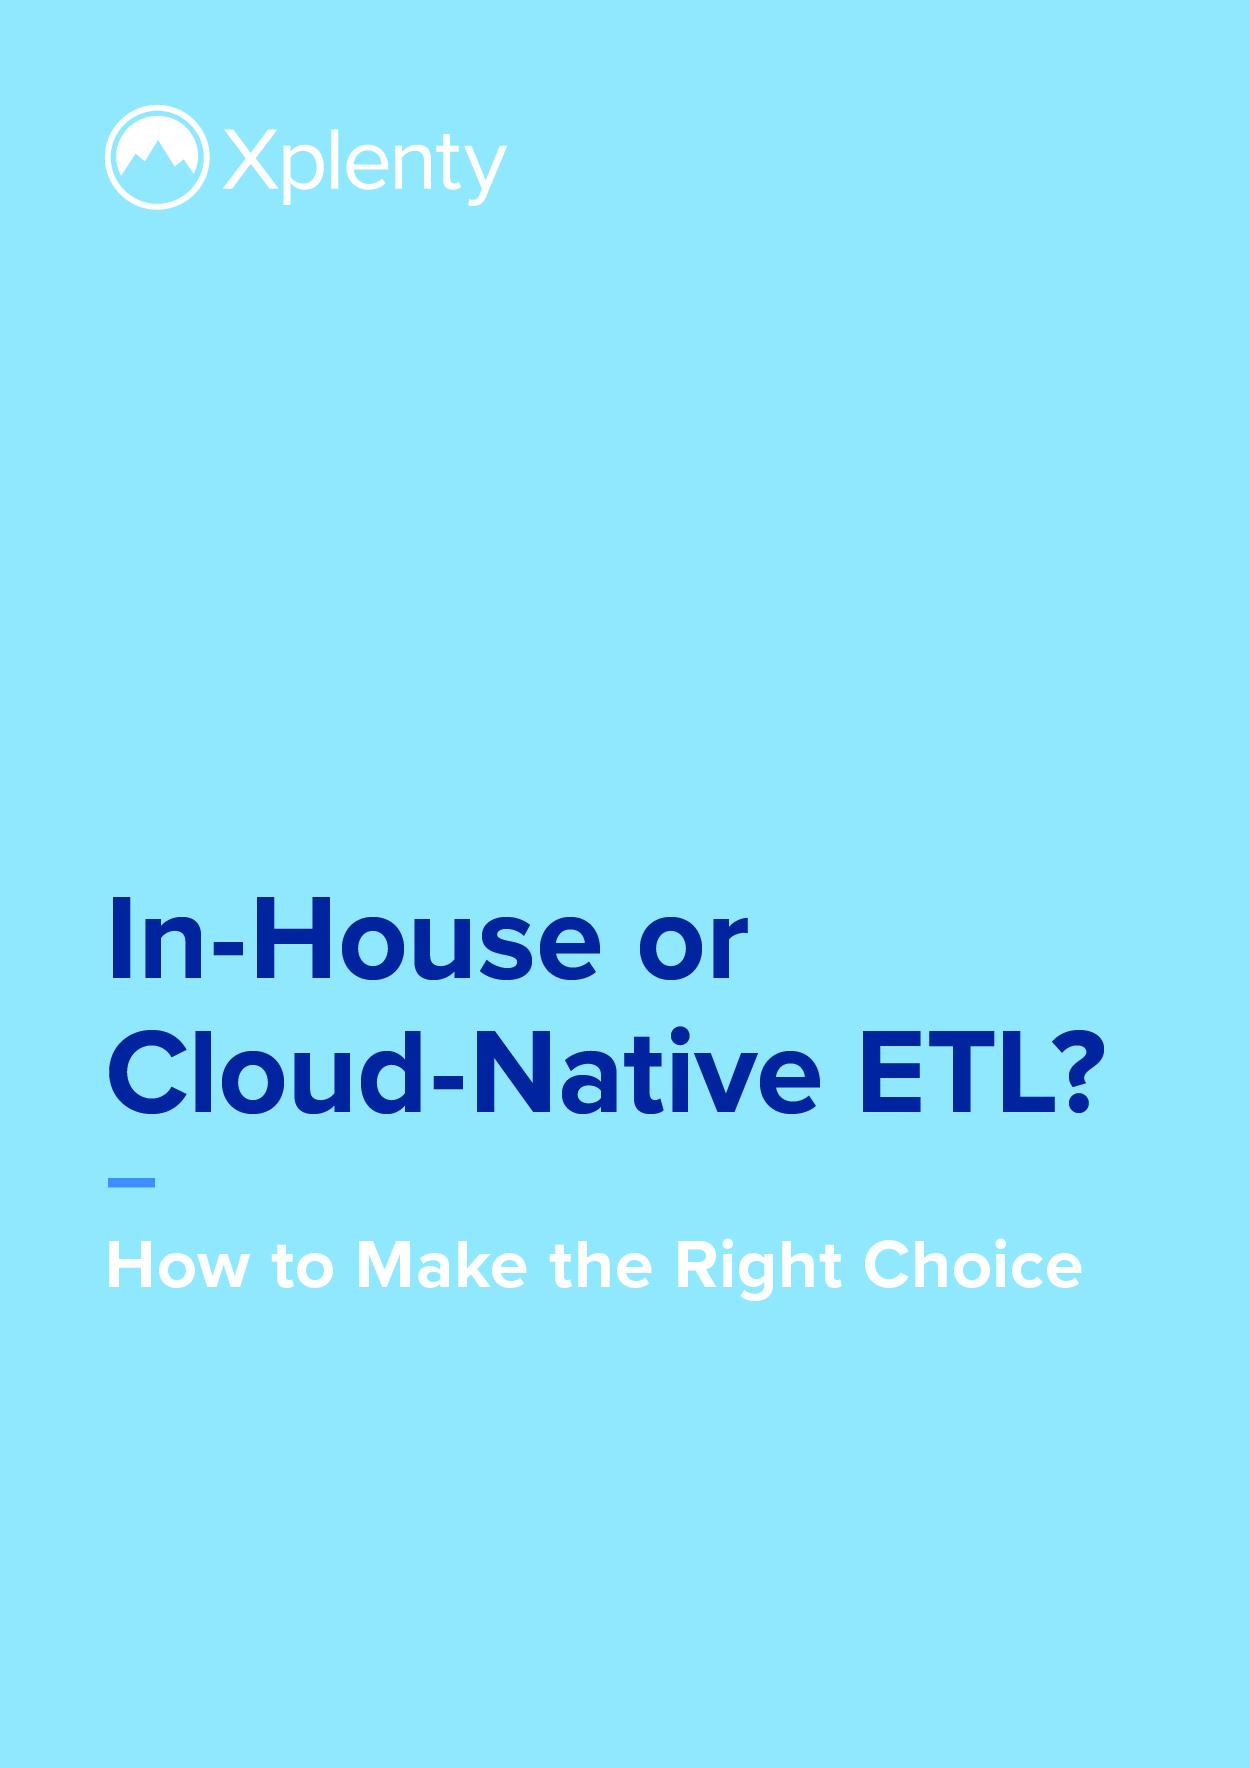 In House ETL Versus Cloud-Native ETL